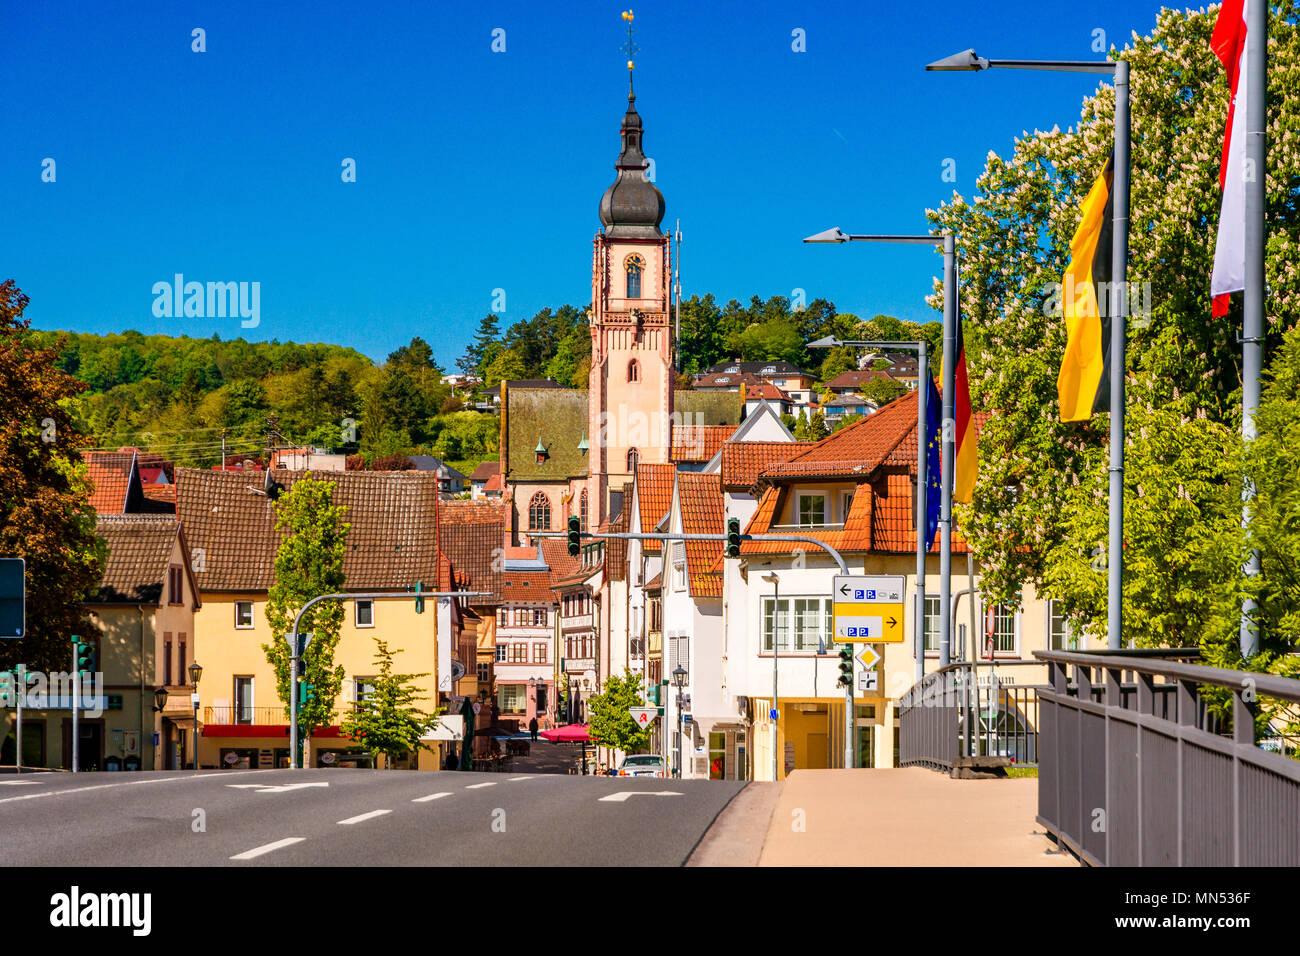 Splendida vista panoramica della città vecchia di Tauberbischofsheim - parte della strada romantica, Baviera, Germania Immagini Stock